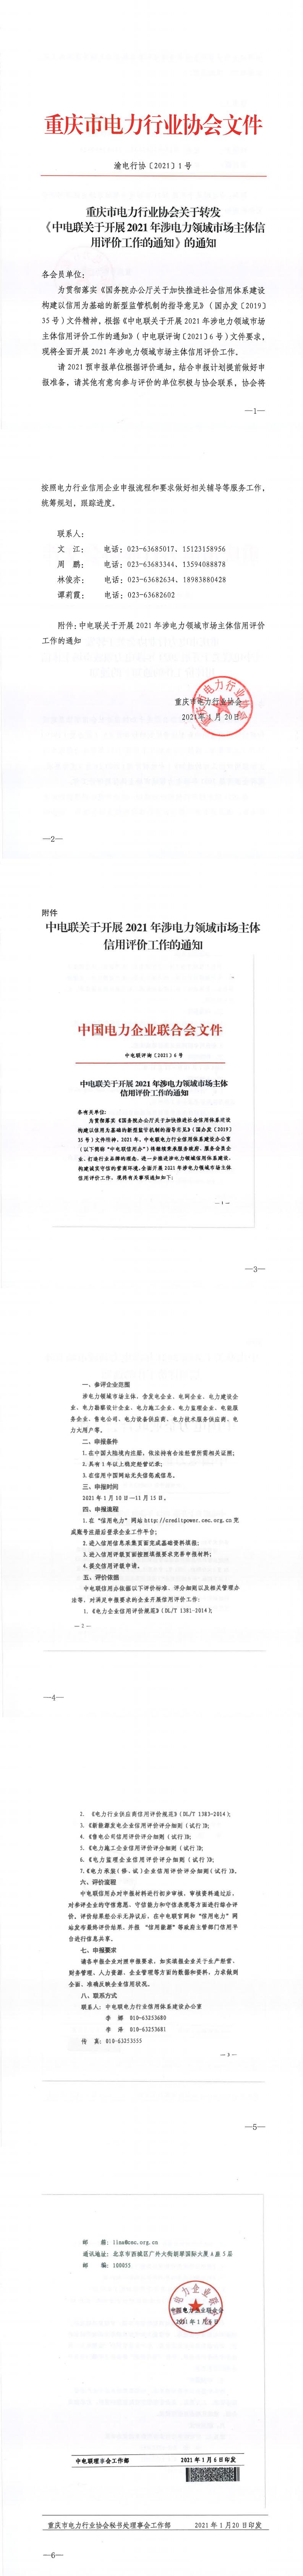 渝电行协〔2021〕1号 重庆市电力行业协会关于转发《中电联关于开展2021年涉电力领域市场主体信用评价工作的通知》的通知_0.png